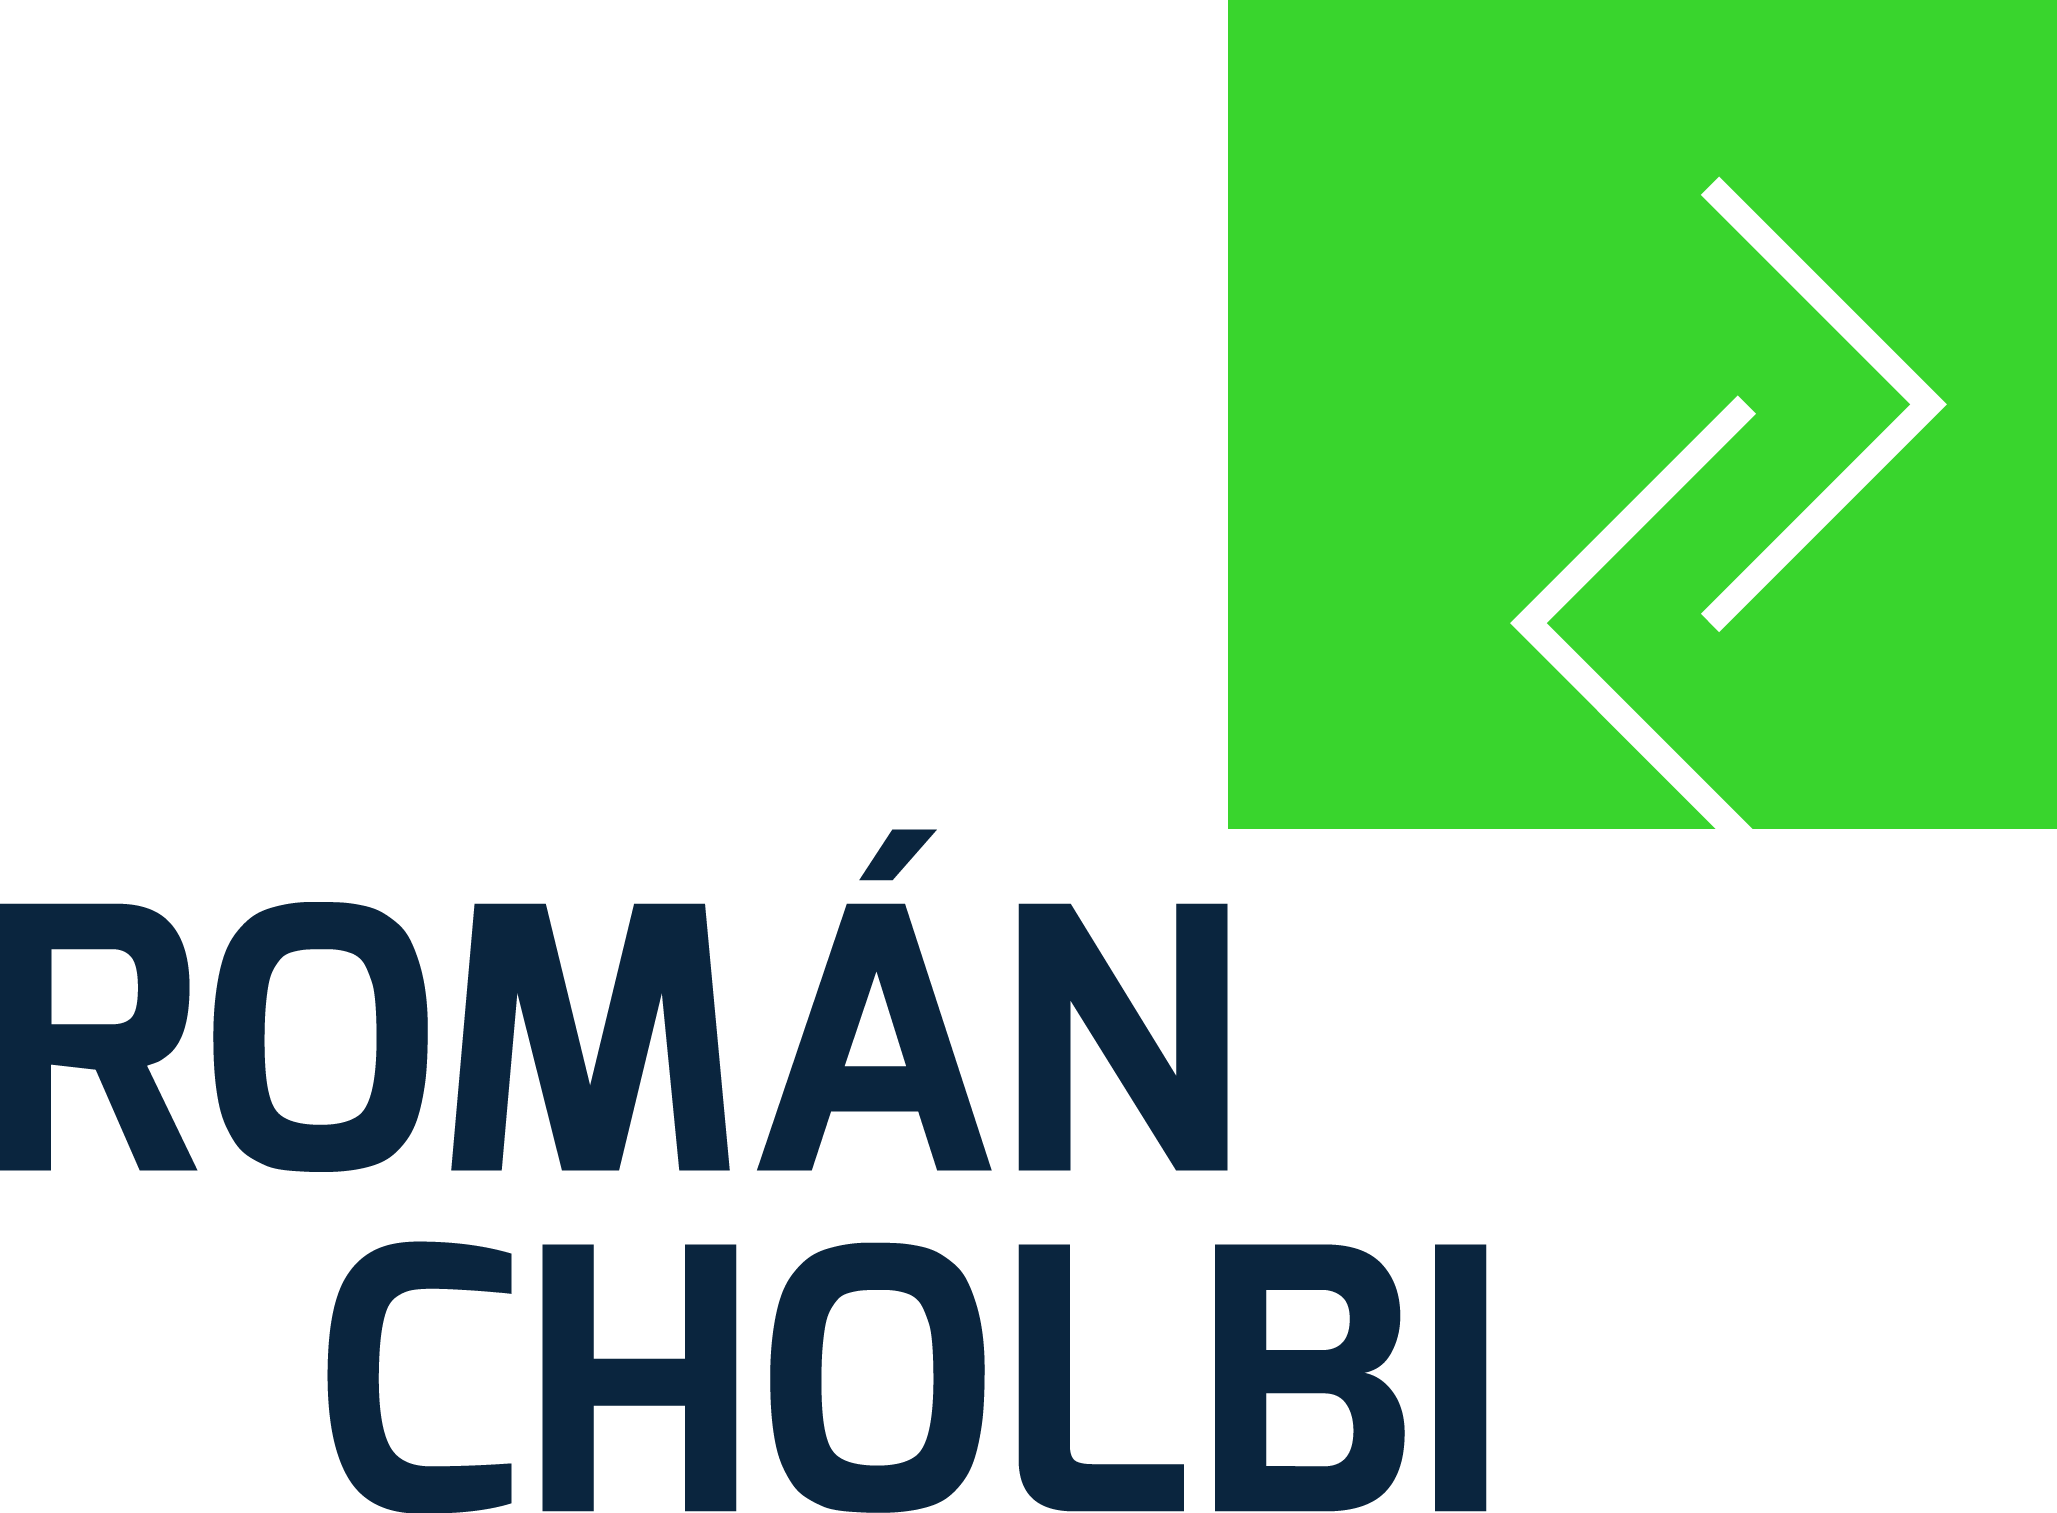 Román Cholbi